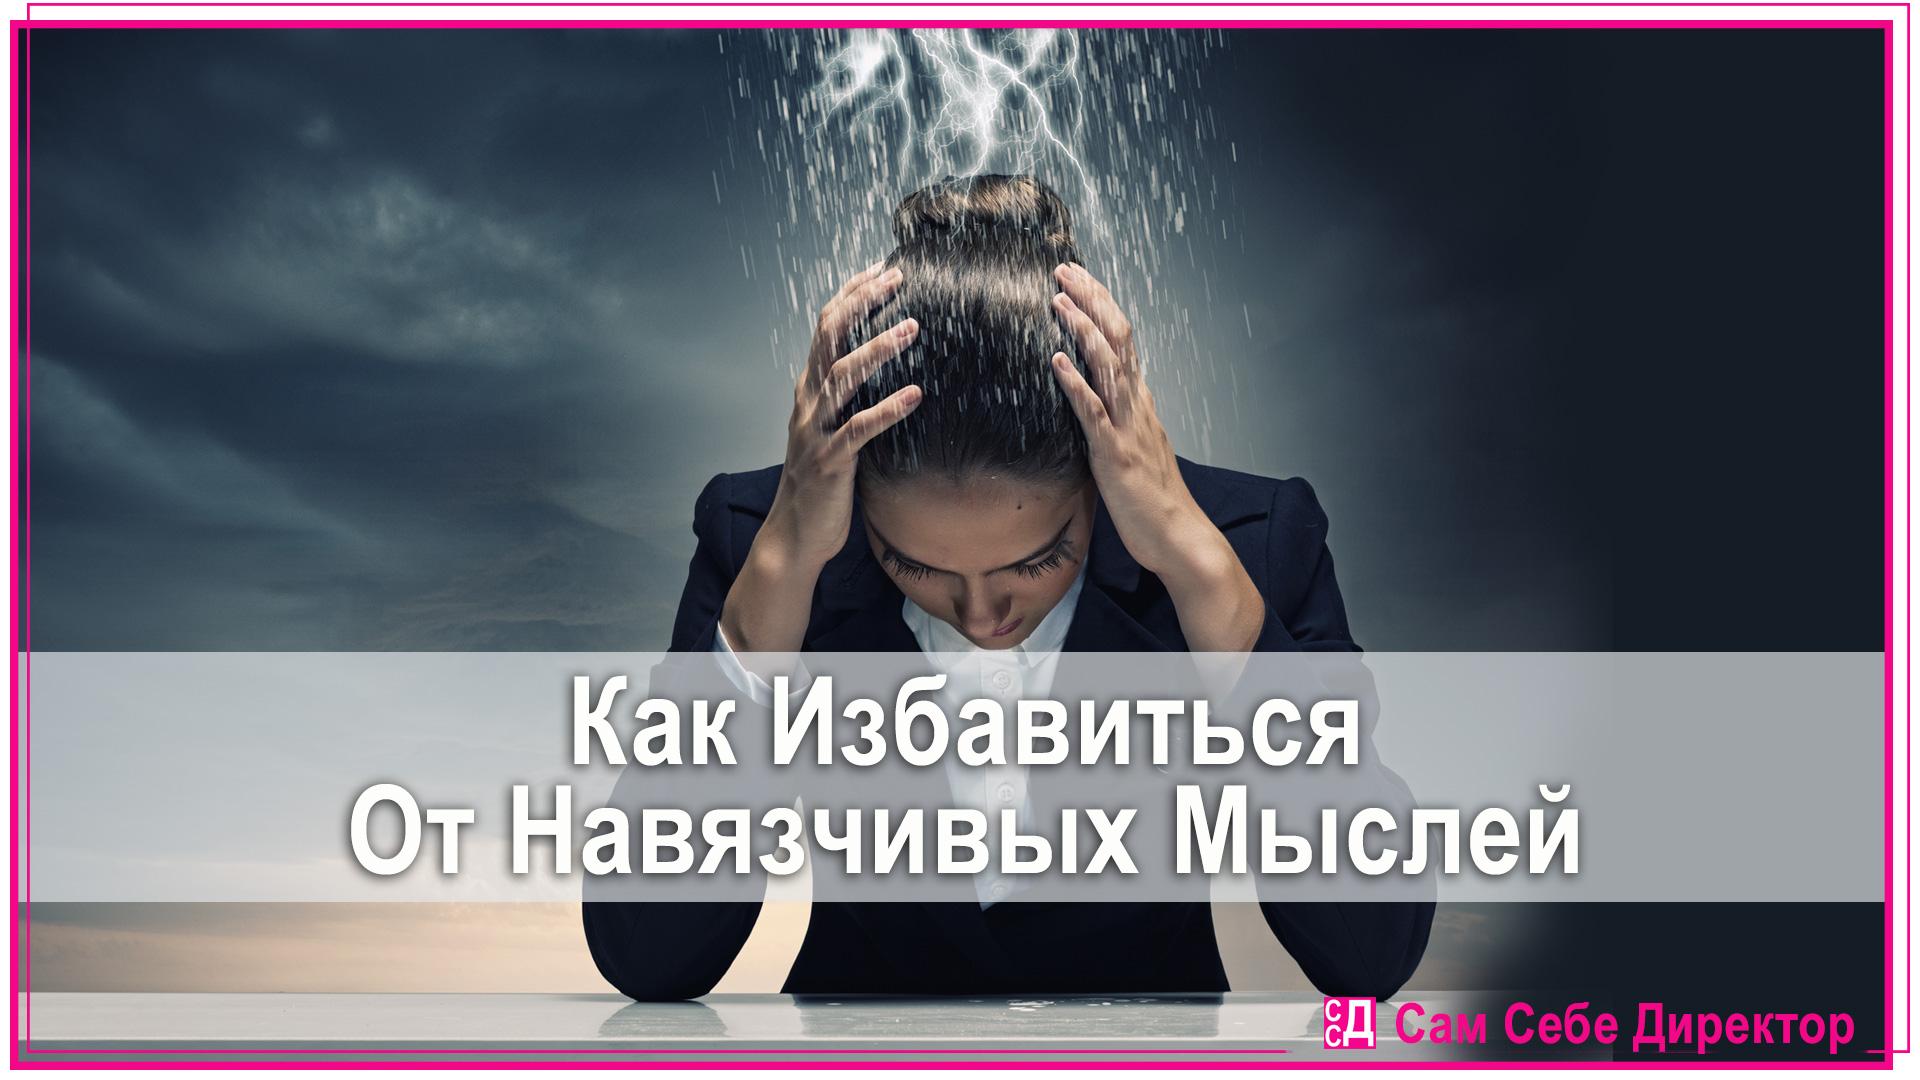 Как избавиться от навязчивых мыслей и страхов, лечение тревоги в голове самостоятельно